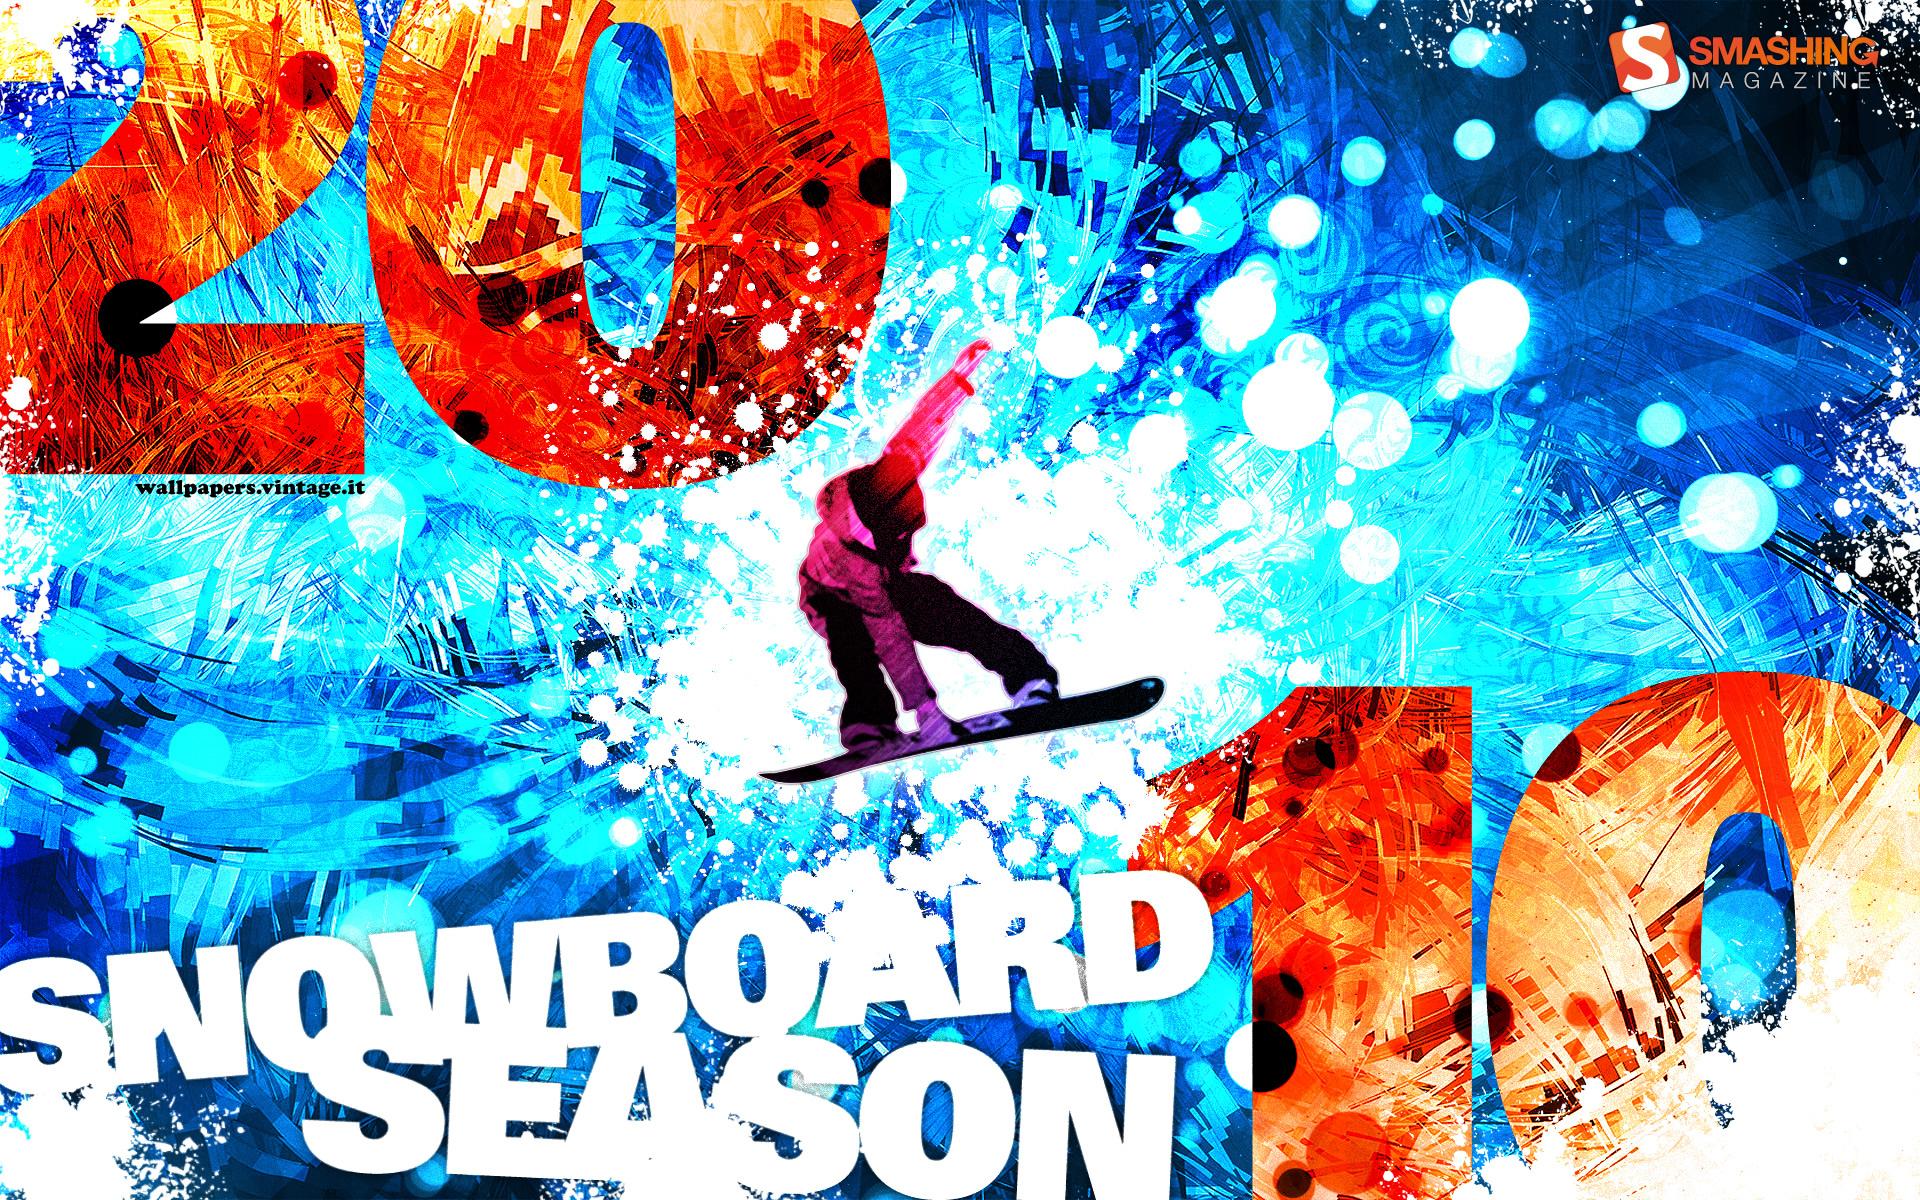 сноуборд, обои на рабочий стол, snowboard wallpaper, скачать фото